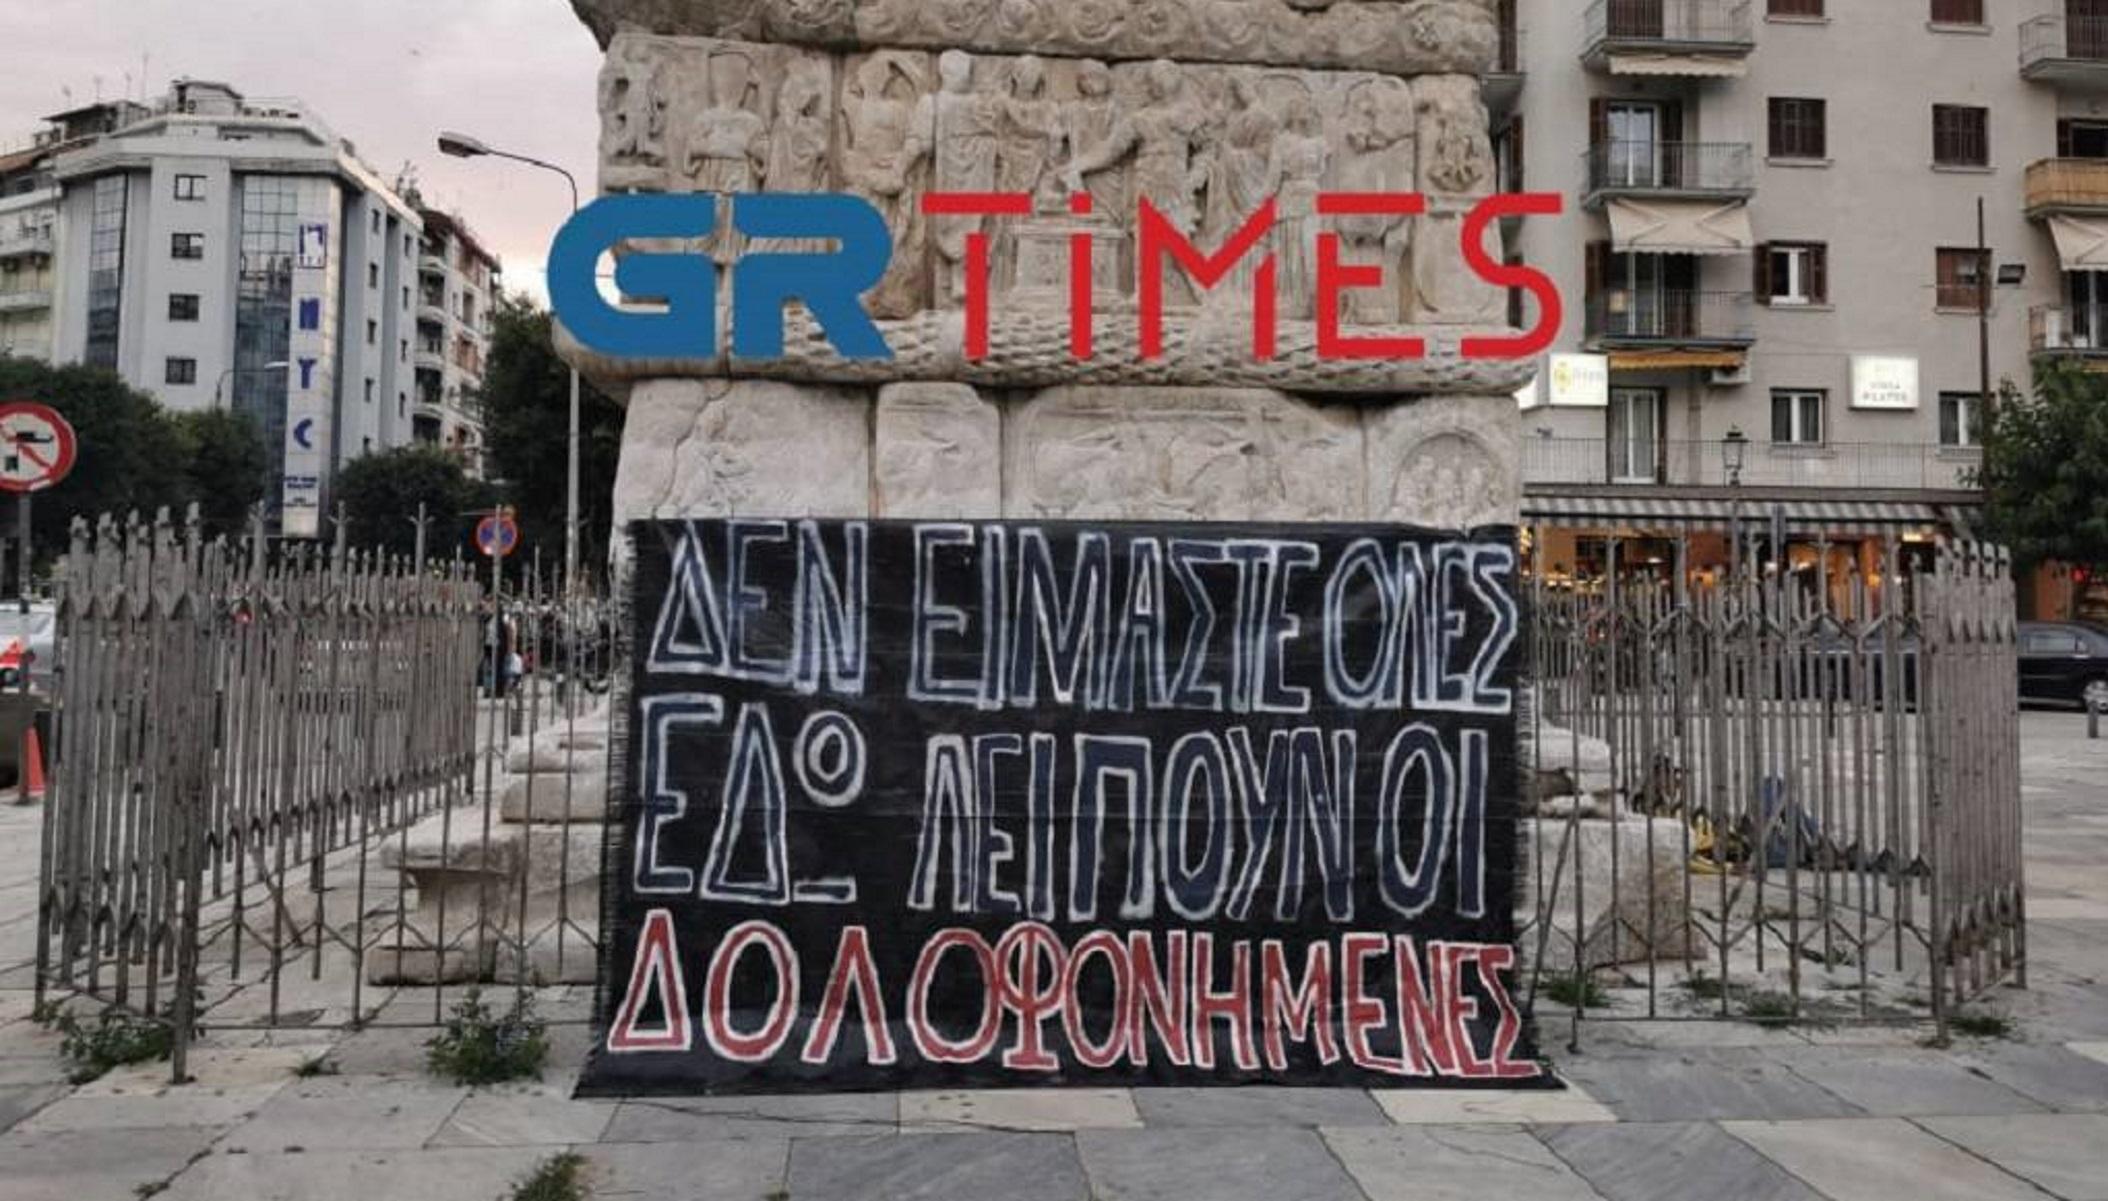 Θεσσαλονίκη: Συγκέντρωση γυναικείων οργανώσεων για τη δολοφονία της Κάρολαϊν